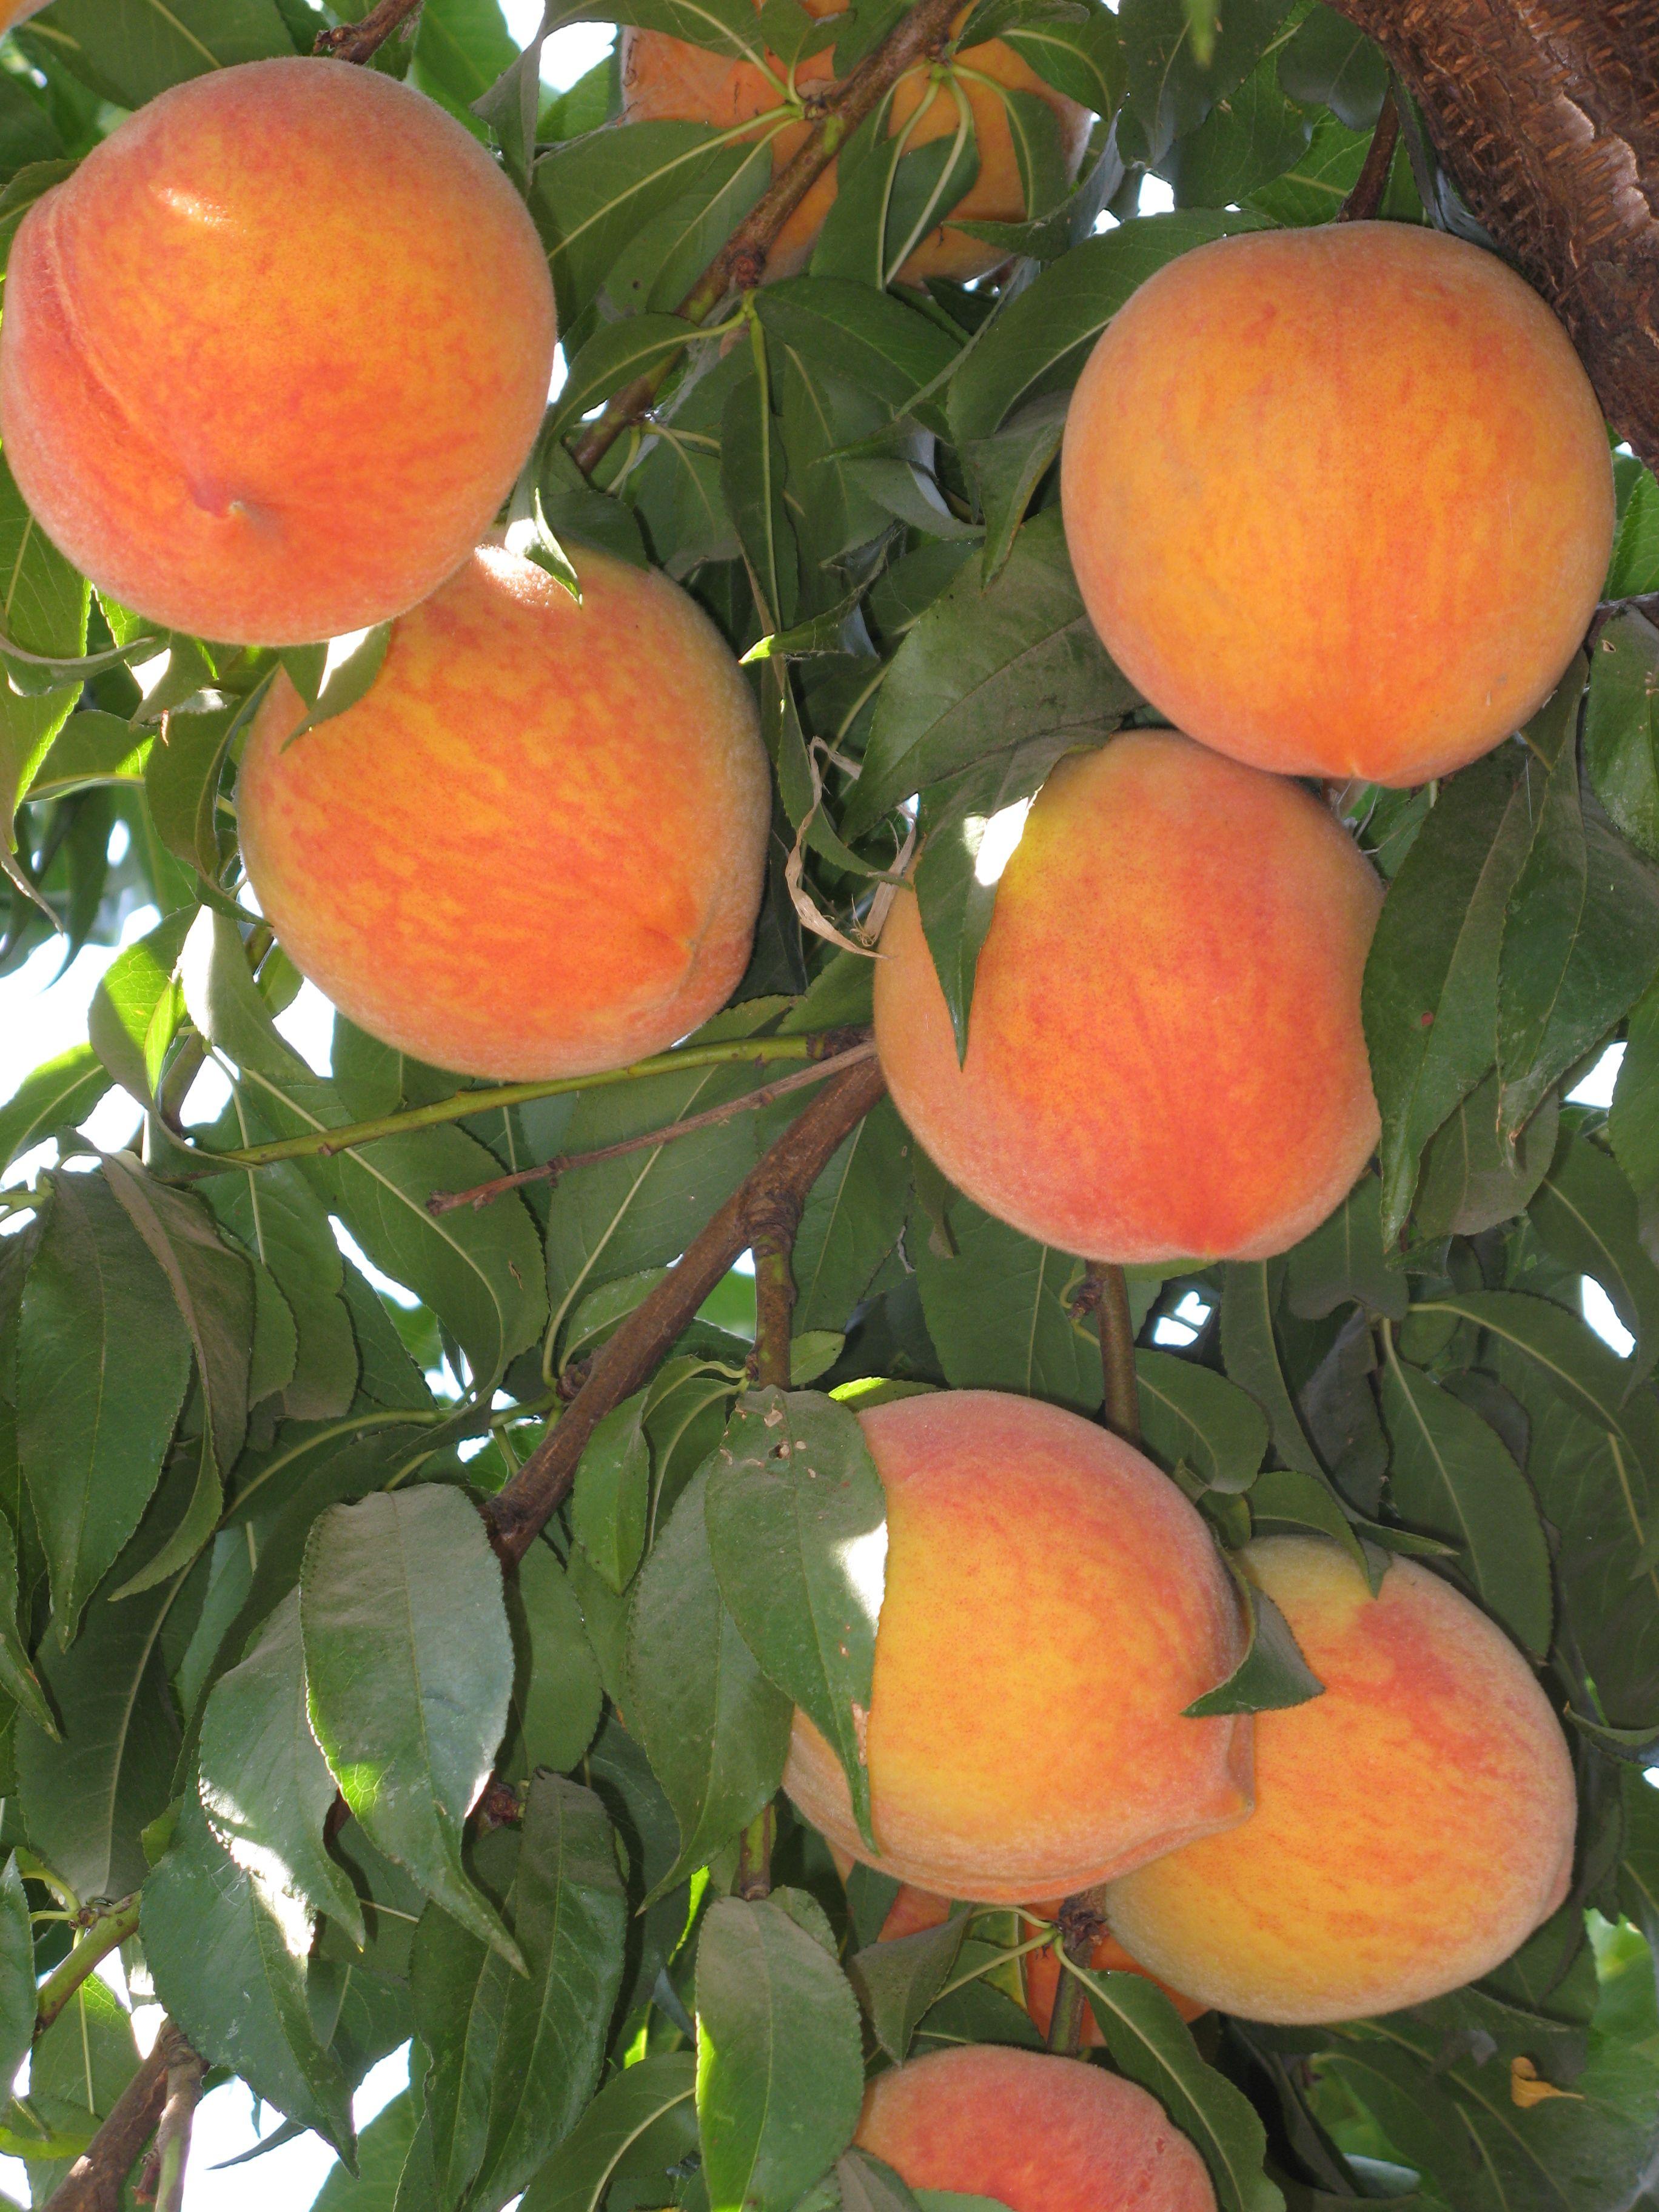 Peaches - Peach Picking At Mas Masumotos Farm Fresh Peach